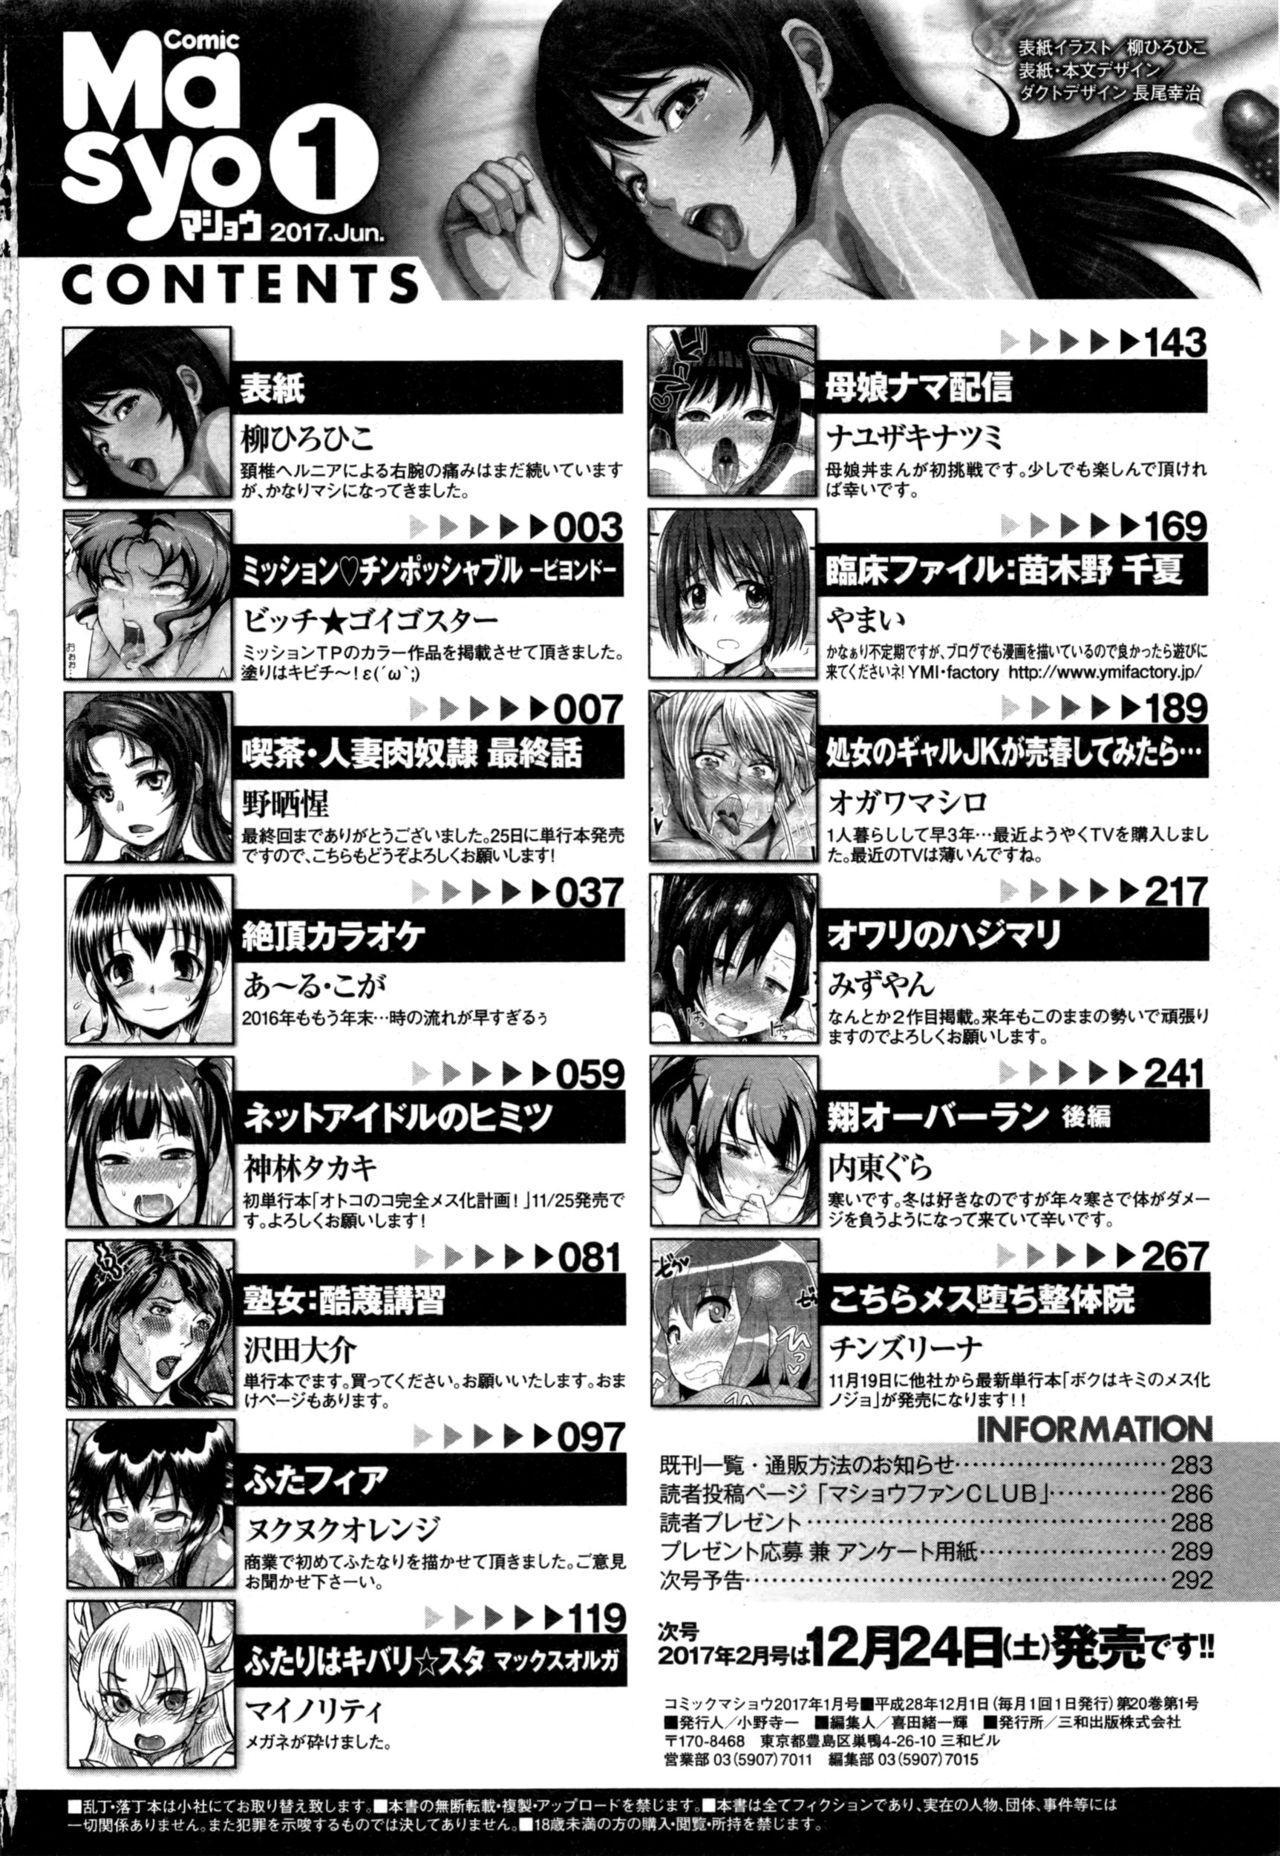 COMIC Masyo 2017-01 294